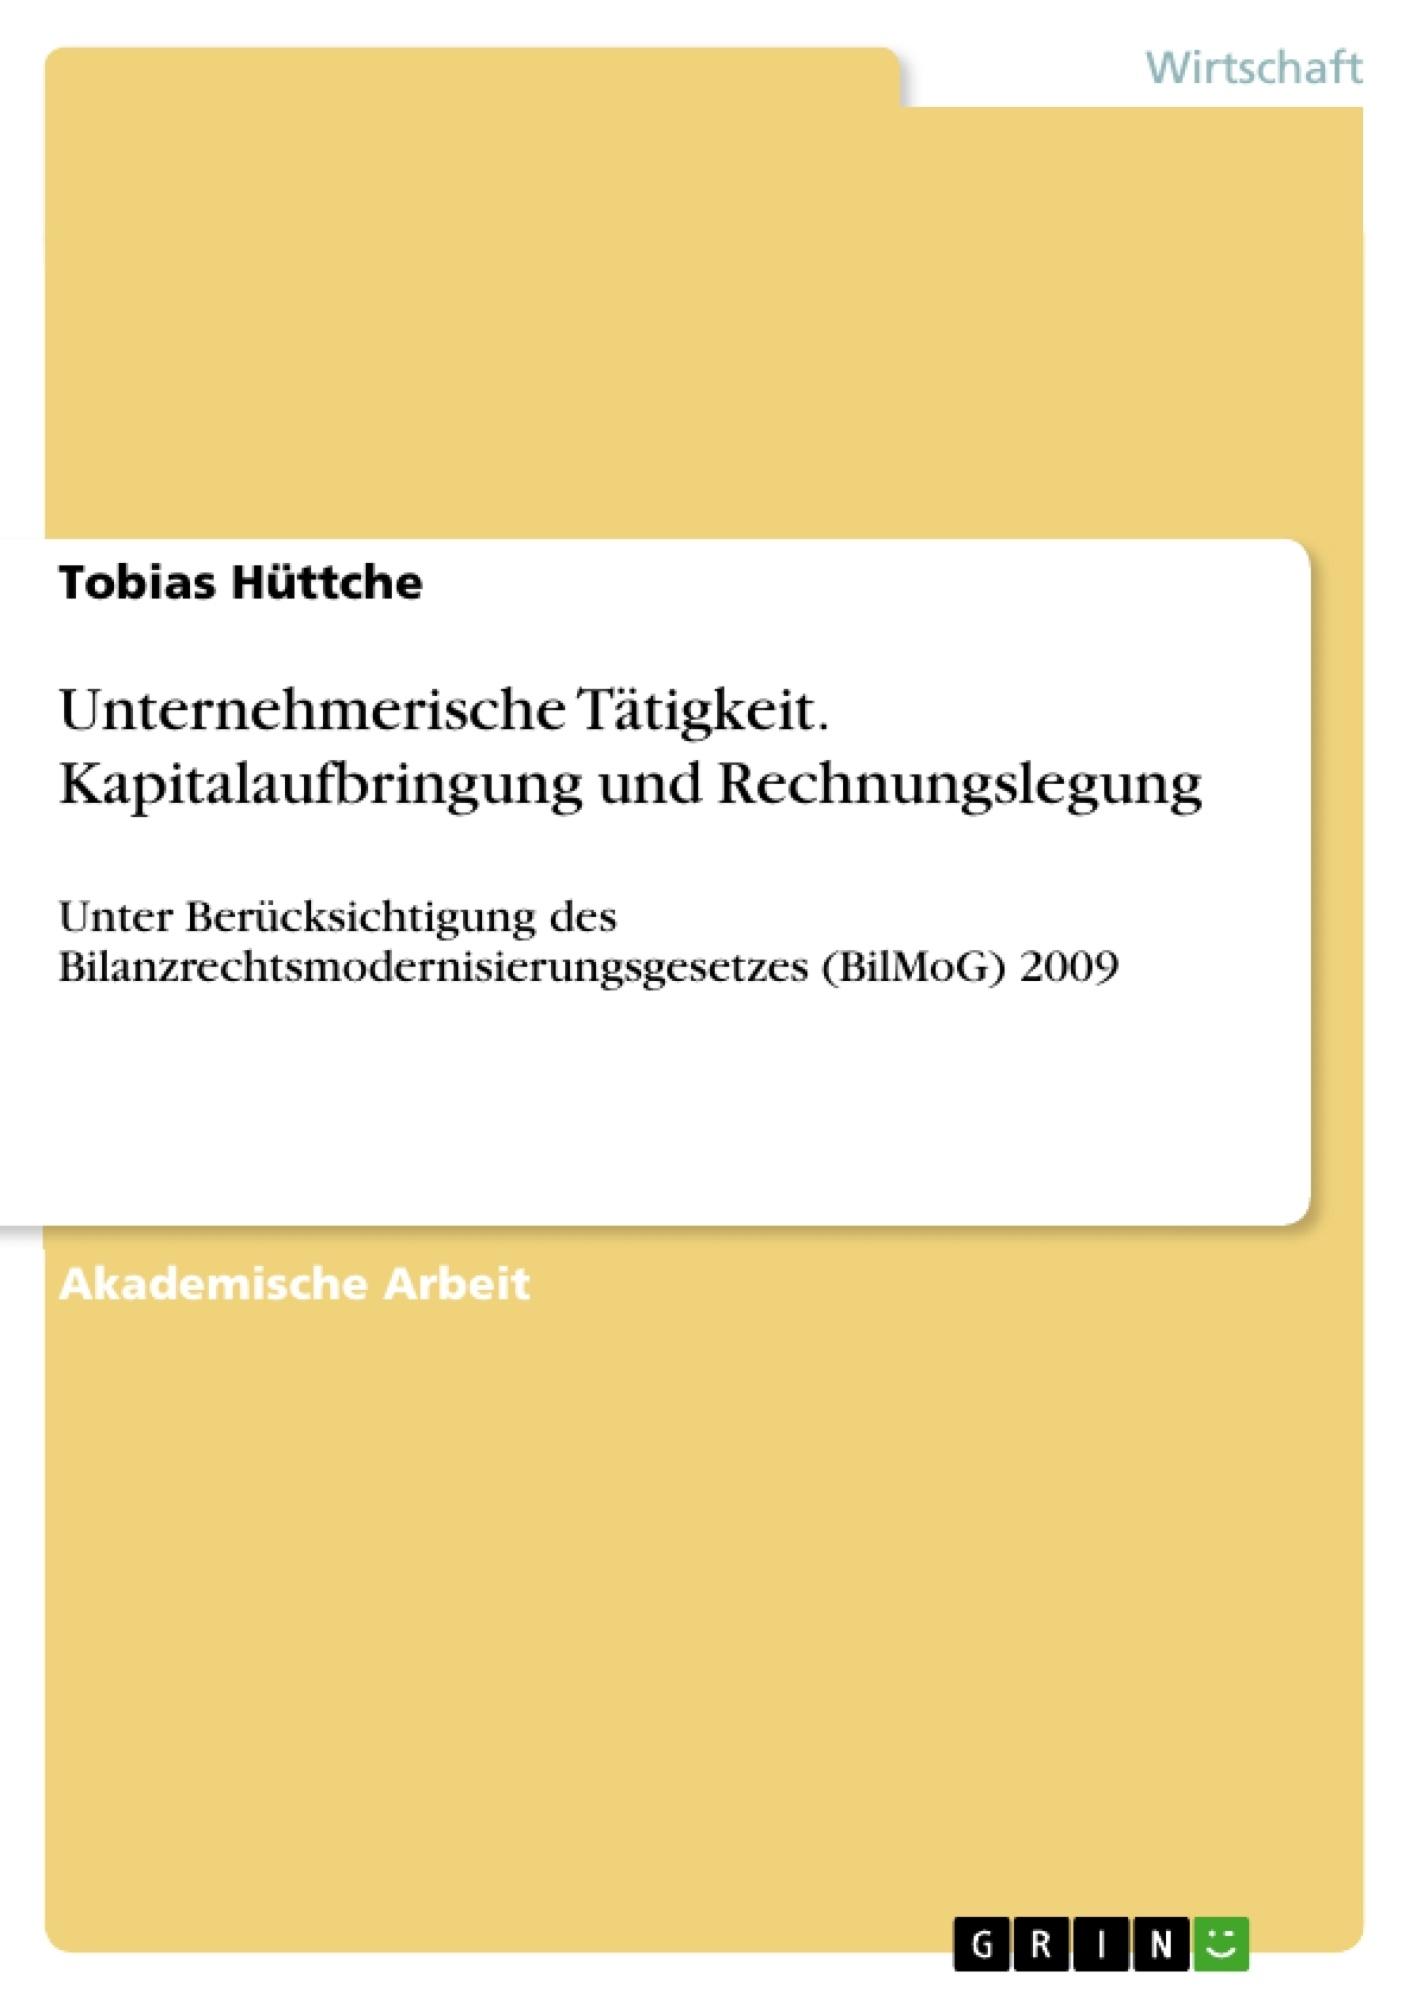 Titel: Unternehmerische Tätigkeit. Kapitalaufbringung und Rechnungslegung